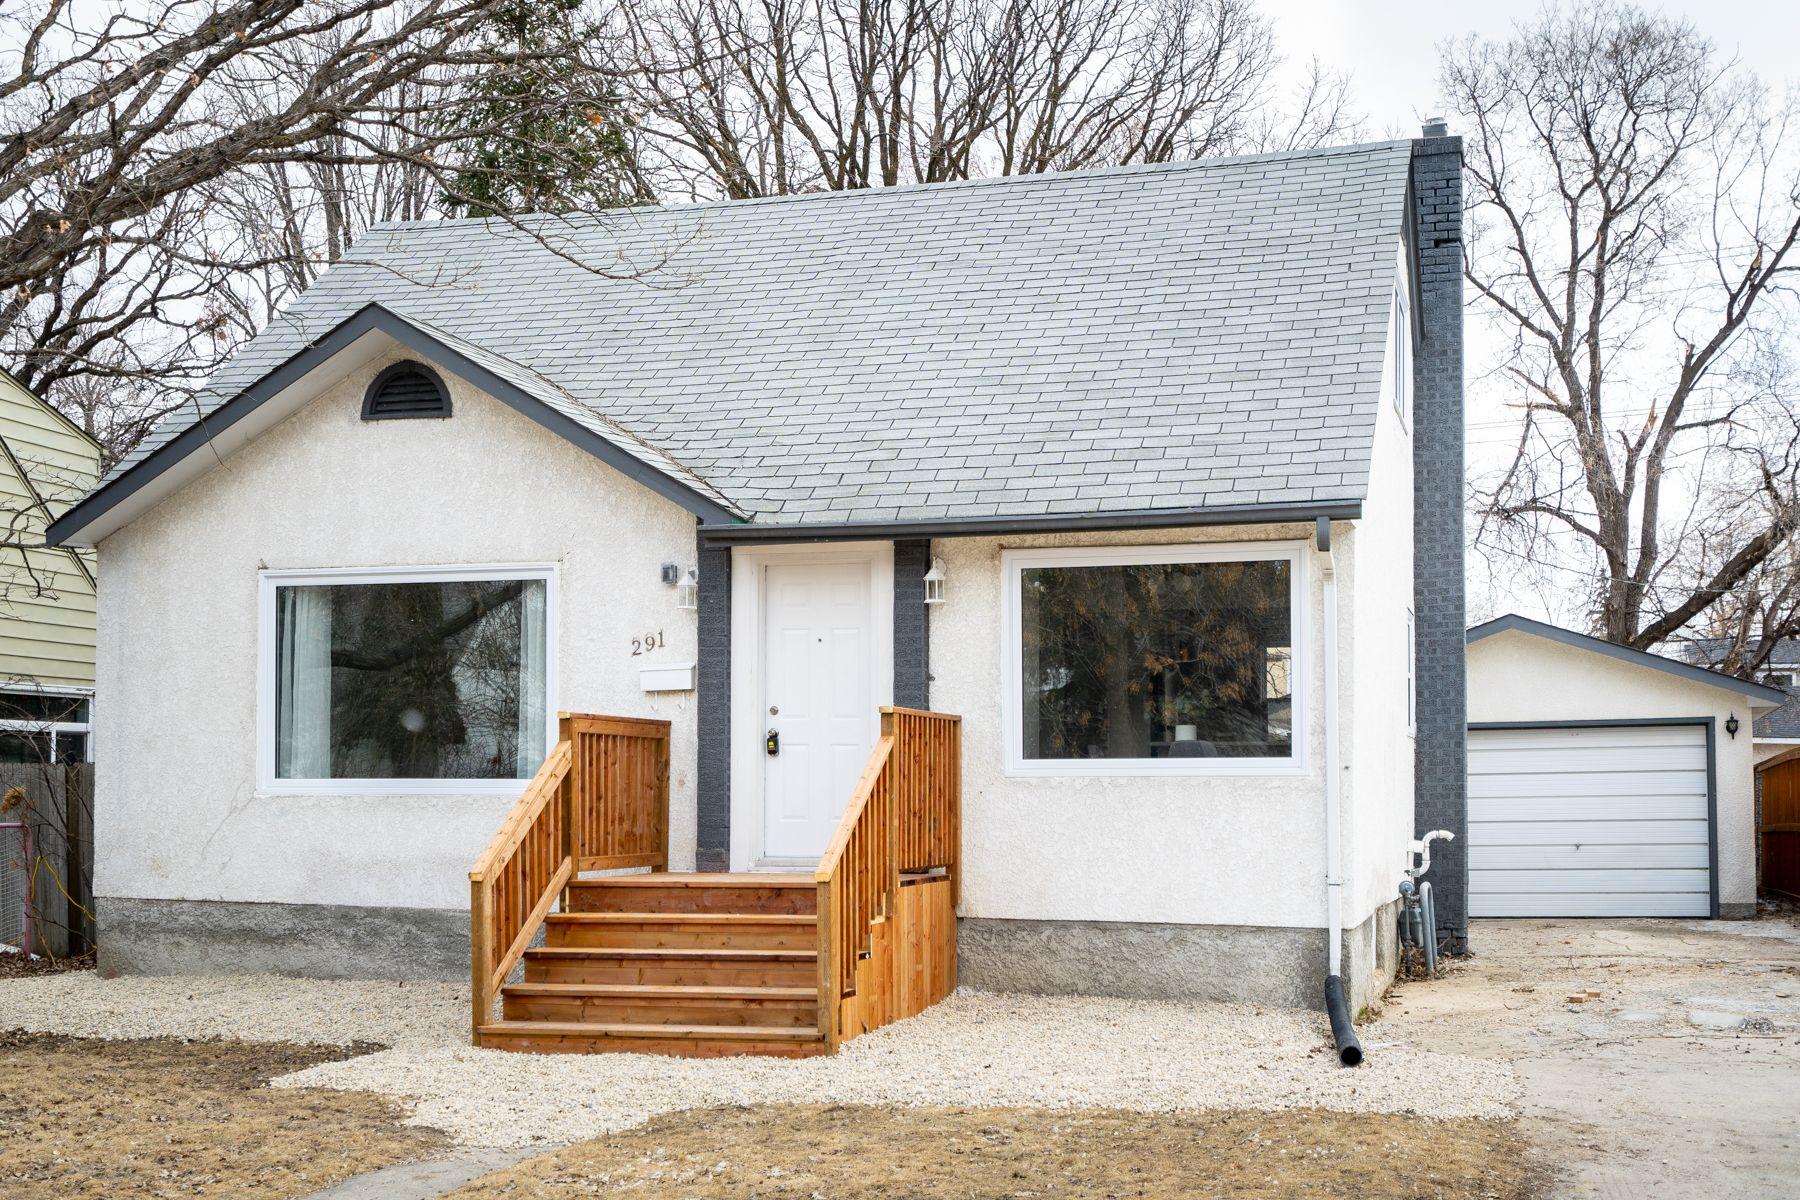 Main Photo: 291 Duffield Street in Winnipeg: Deer Lodge House for sale (5E)  : MLS®# 202007852